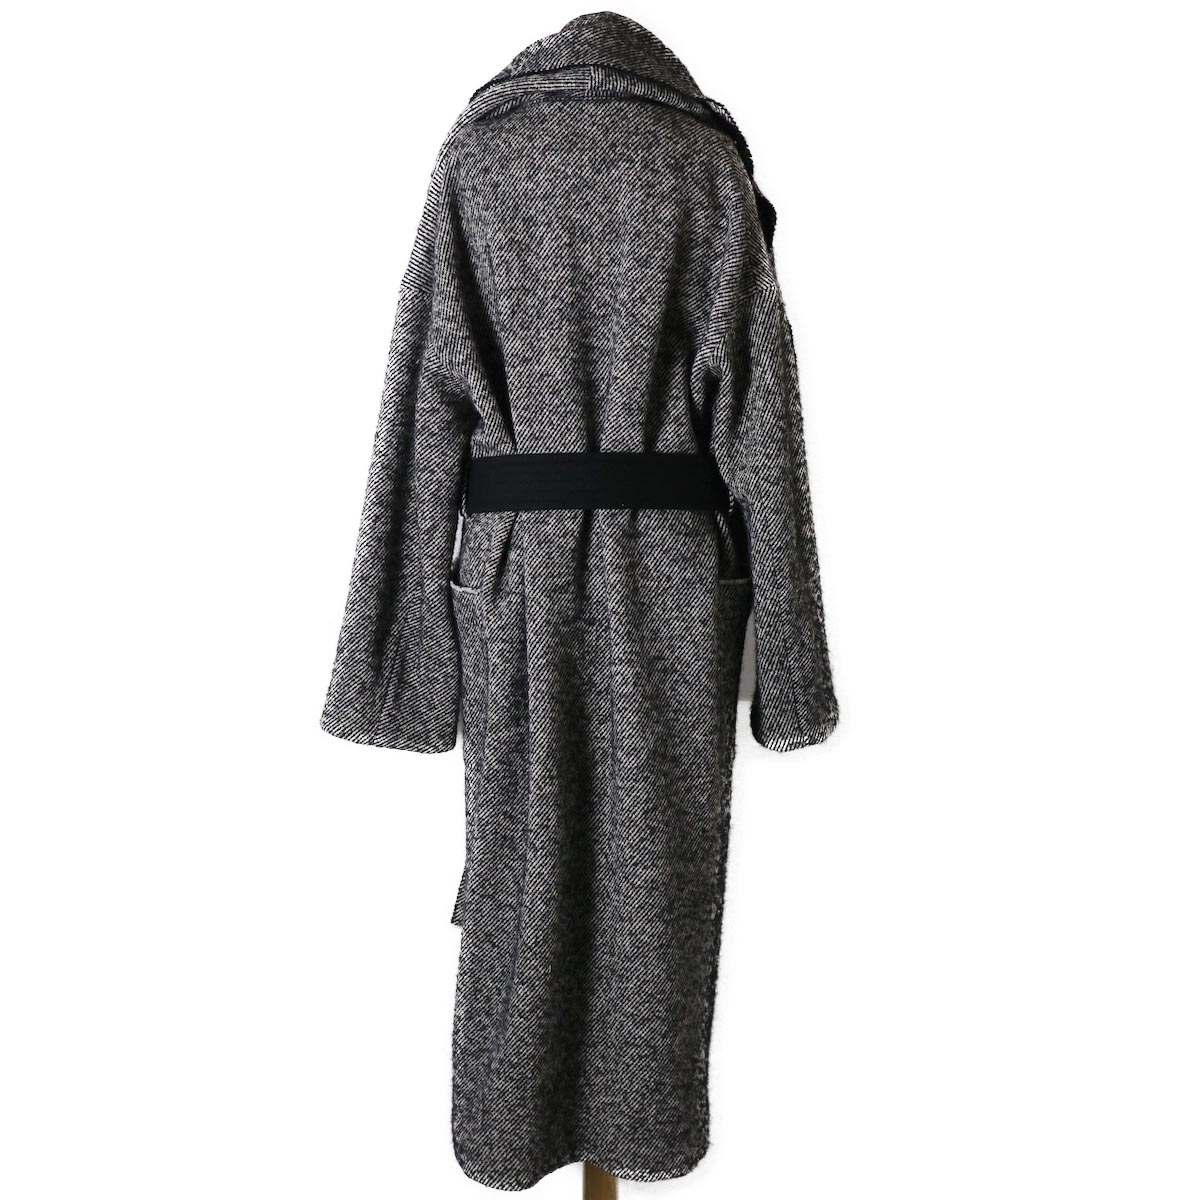 YLEVE / Monotone Tweed Coat 背面